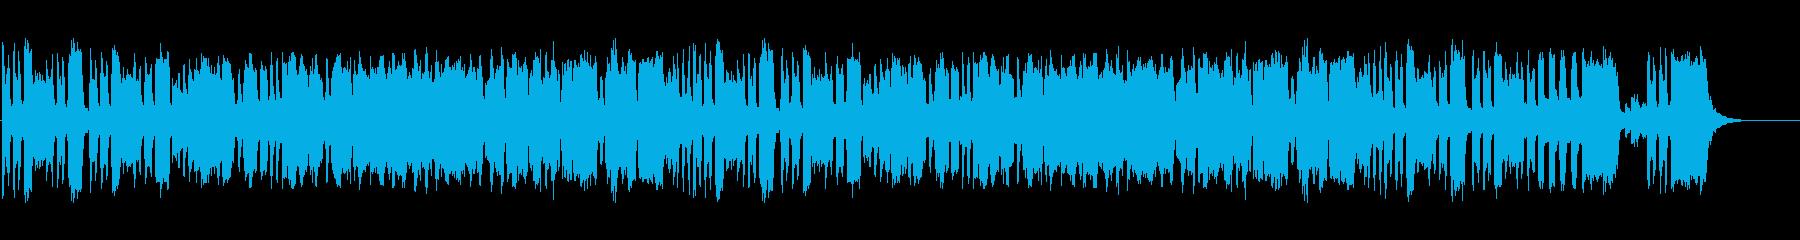 ほのぼのしたリコーダー二重奏の再生済みの波形